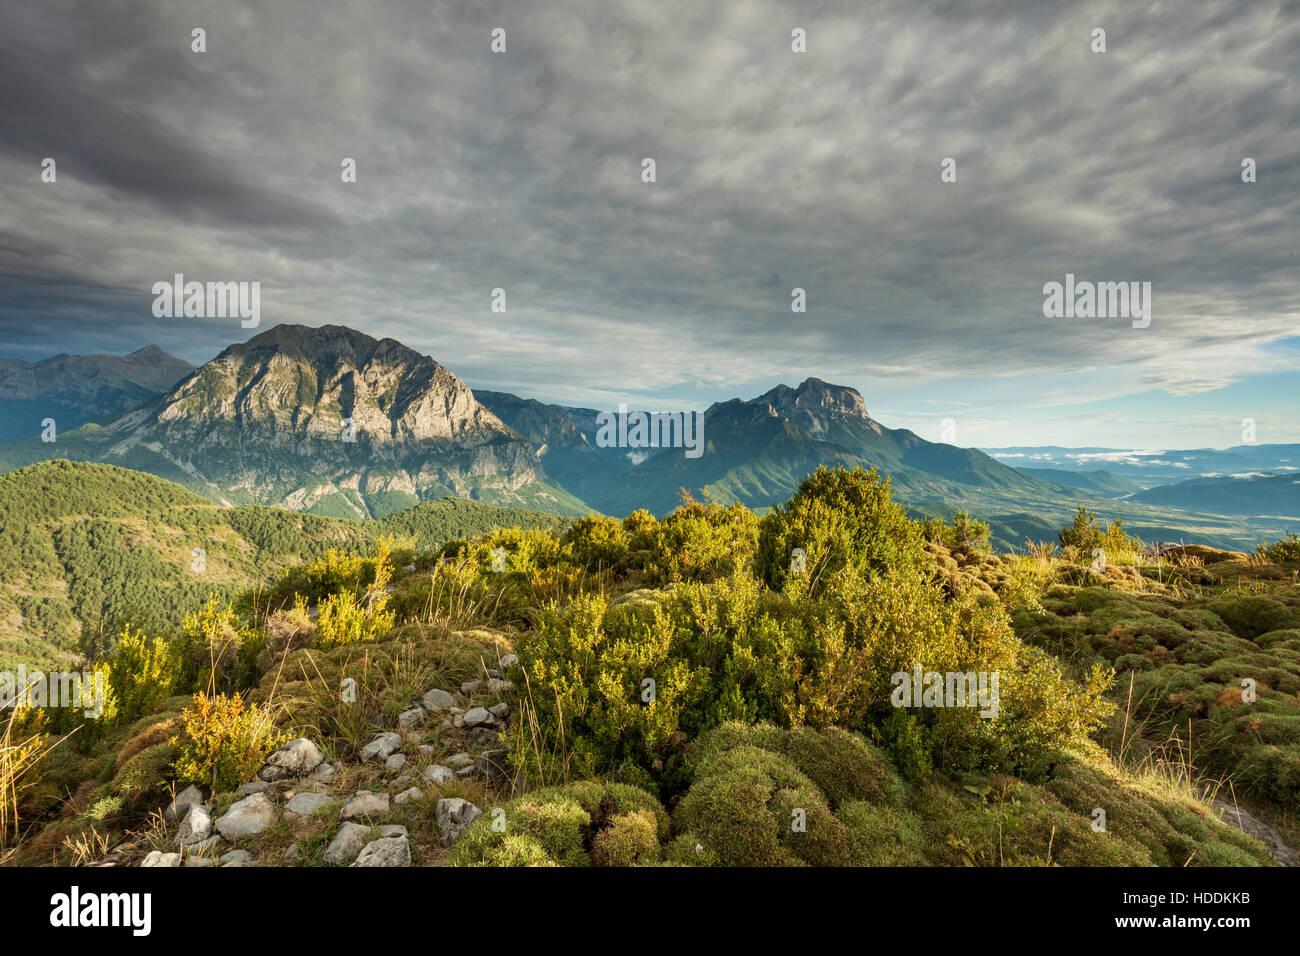 Herbstnachmittag in Pyrenäen in der Nähe von Tella, Huesca, Aragon, Spanien. Stockbild